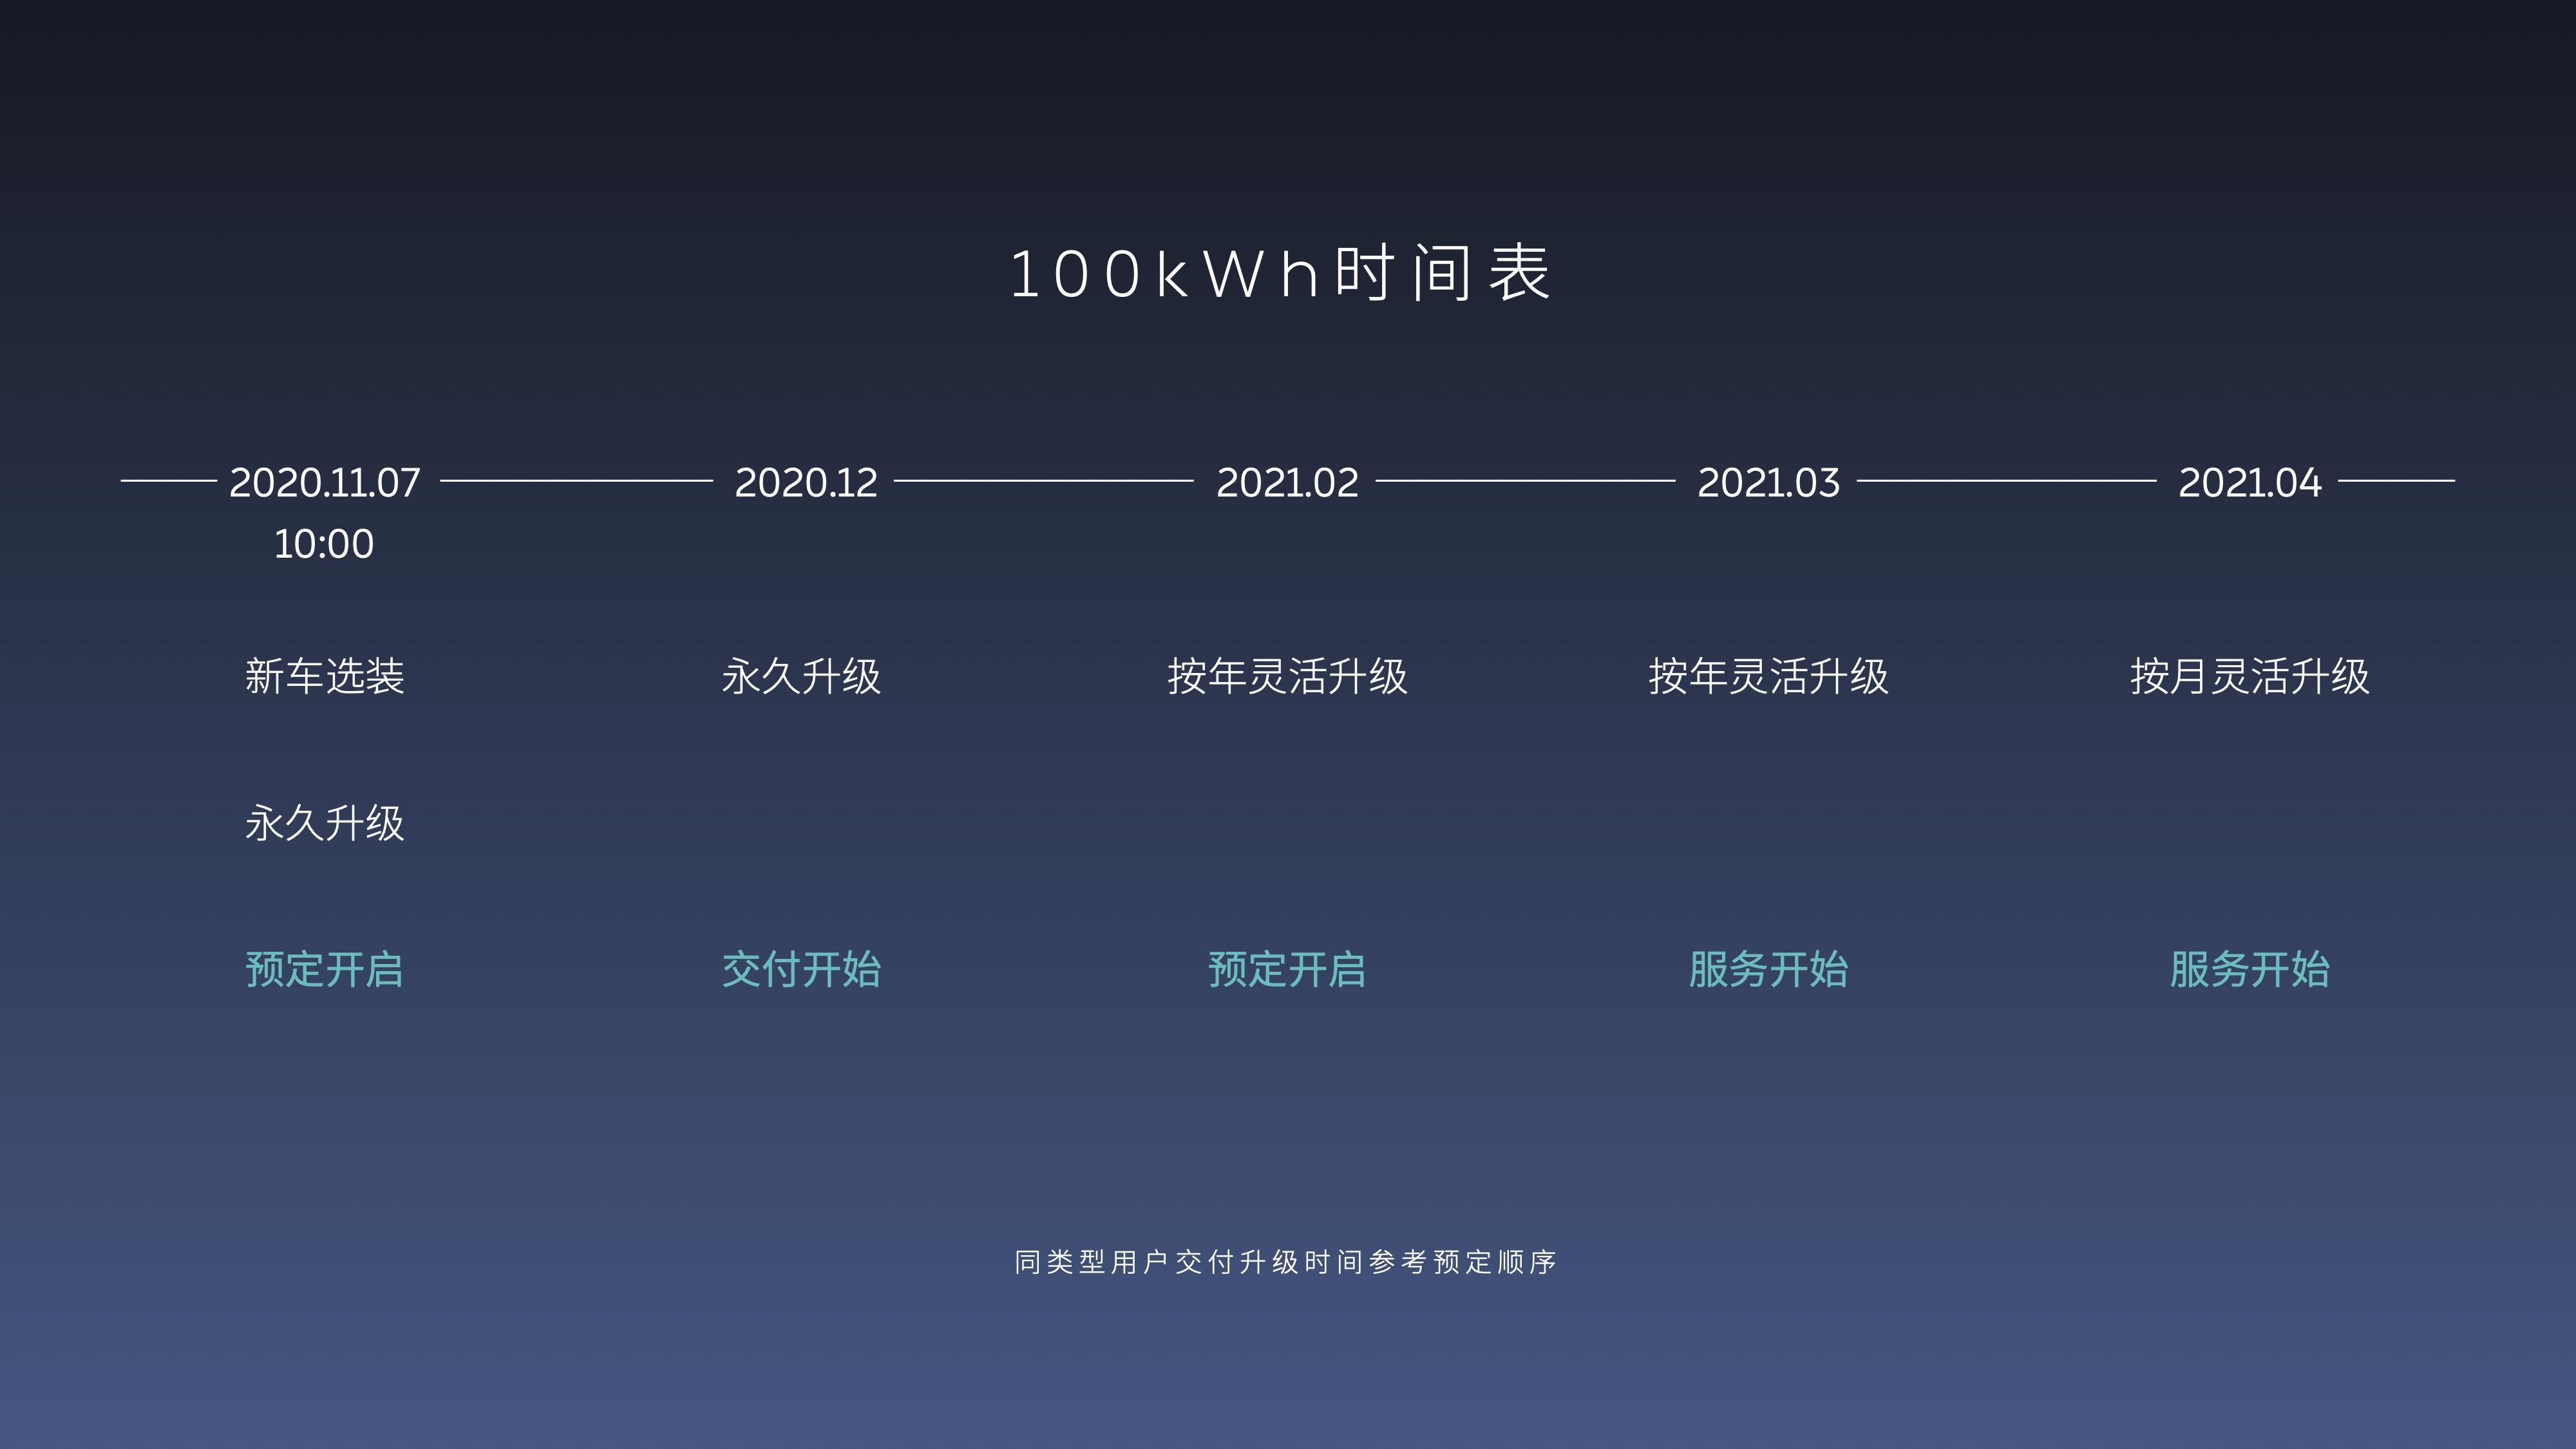 蔚来100kWh电池上市沟通会 KEYNOTE-3